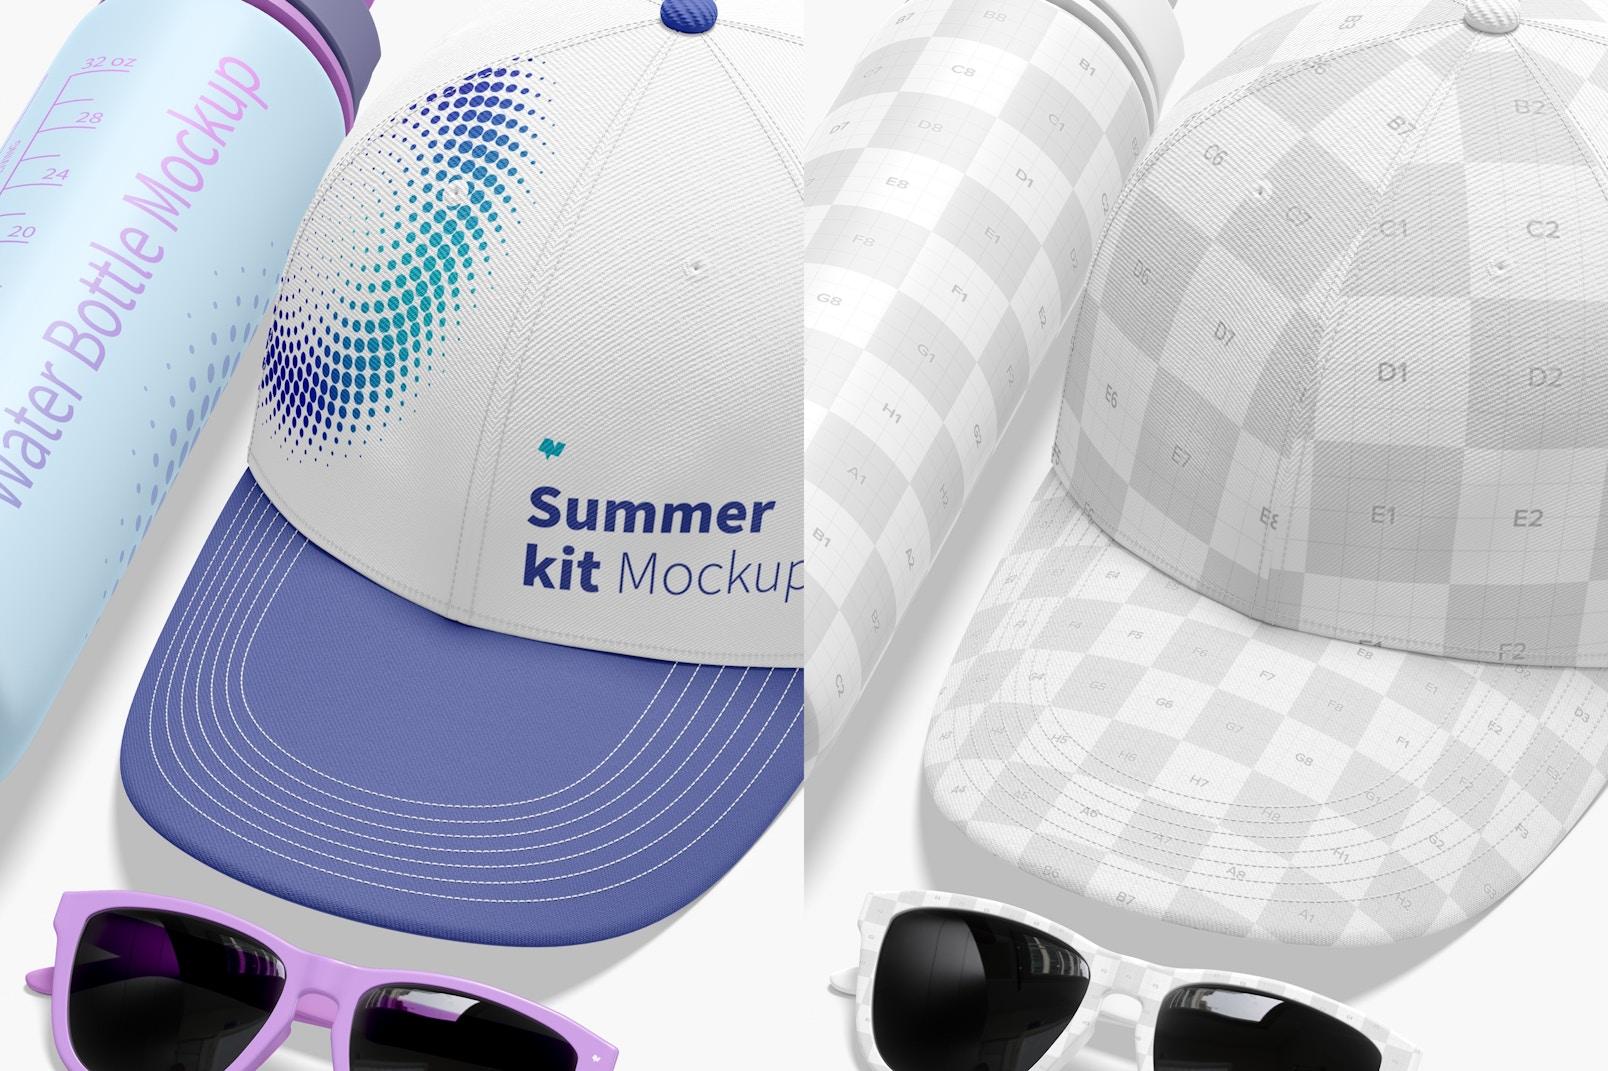 Summer Kit Mockup, Close Up